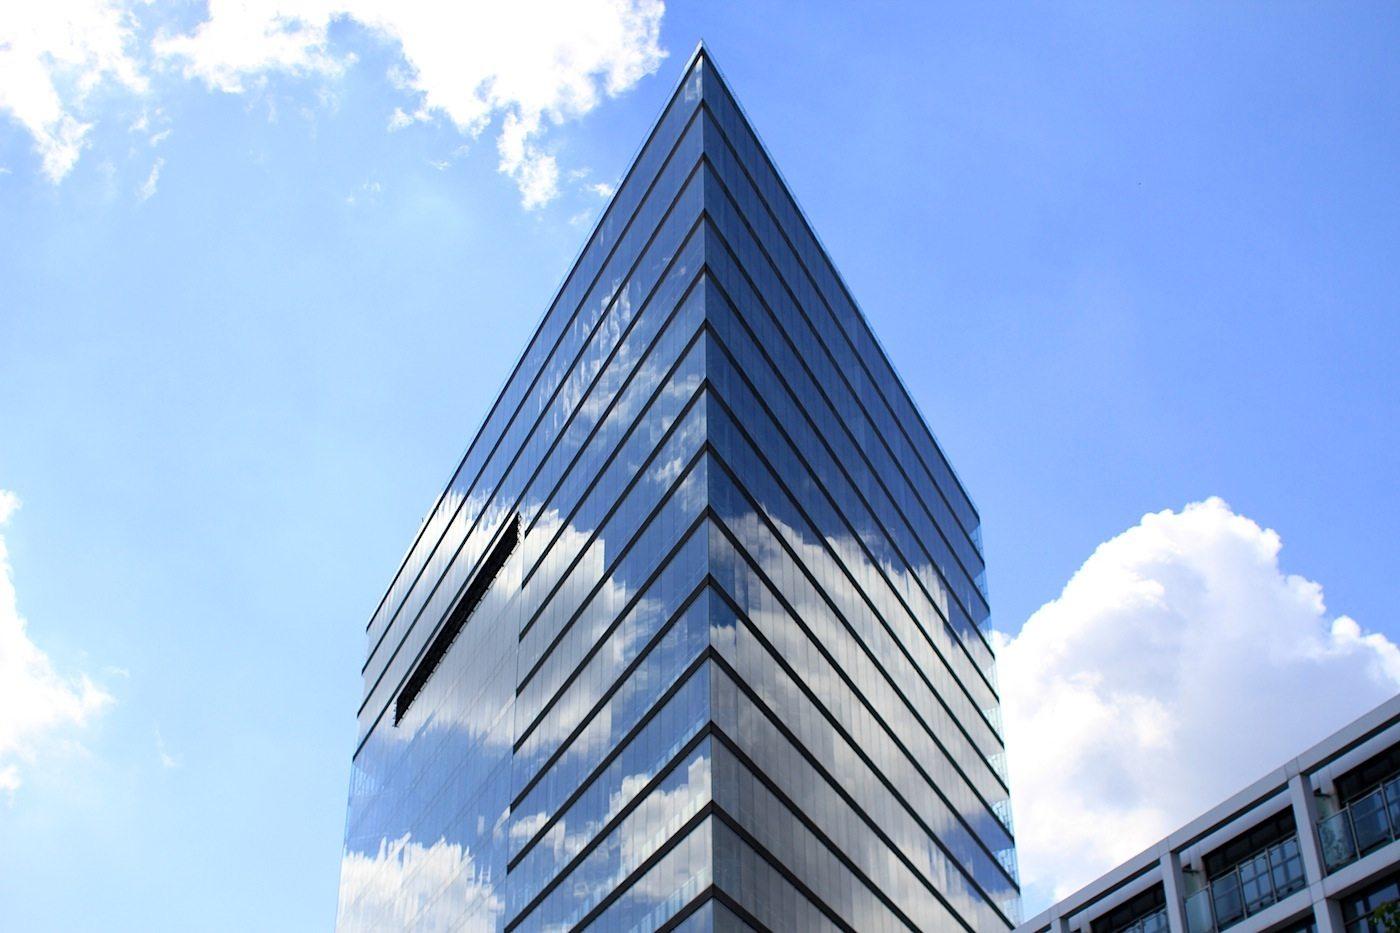 Stadttor 1. Von Overdiek Petzinka und Partner. Fertigstellung 1998. Wurde im gleichen Jahr der Fertigstellung mit dem MIPIM Award als weltbestes Bürogebäude ausgezeichnet. Mit 80 Meter Höhe ist der rhombische Glasbau der sichtbare südliche Eingang zur Innenstadt und ist u. a. Sitz der Staatskanzlei und des Ministerpräsidenten des Landes NRW.